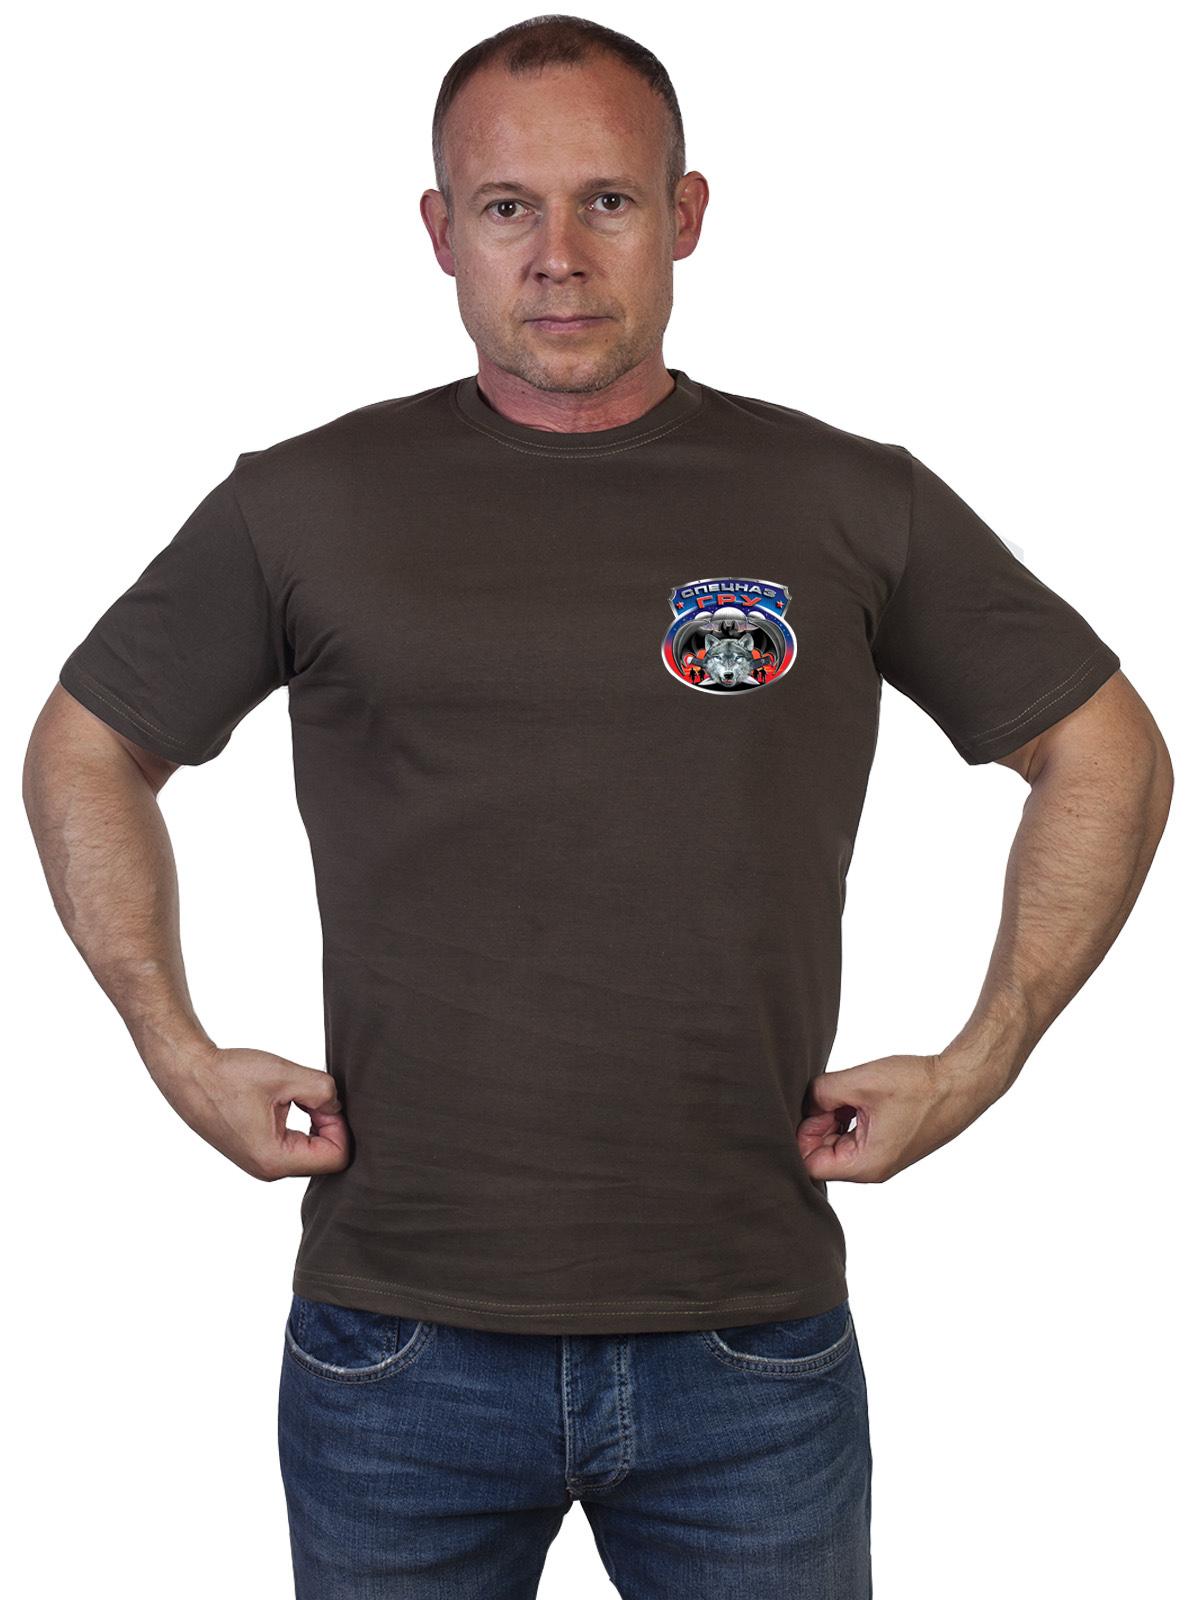 Купить в интернет магазине футболку Спецназ ГРУ